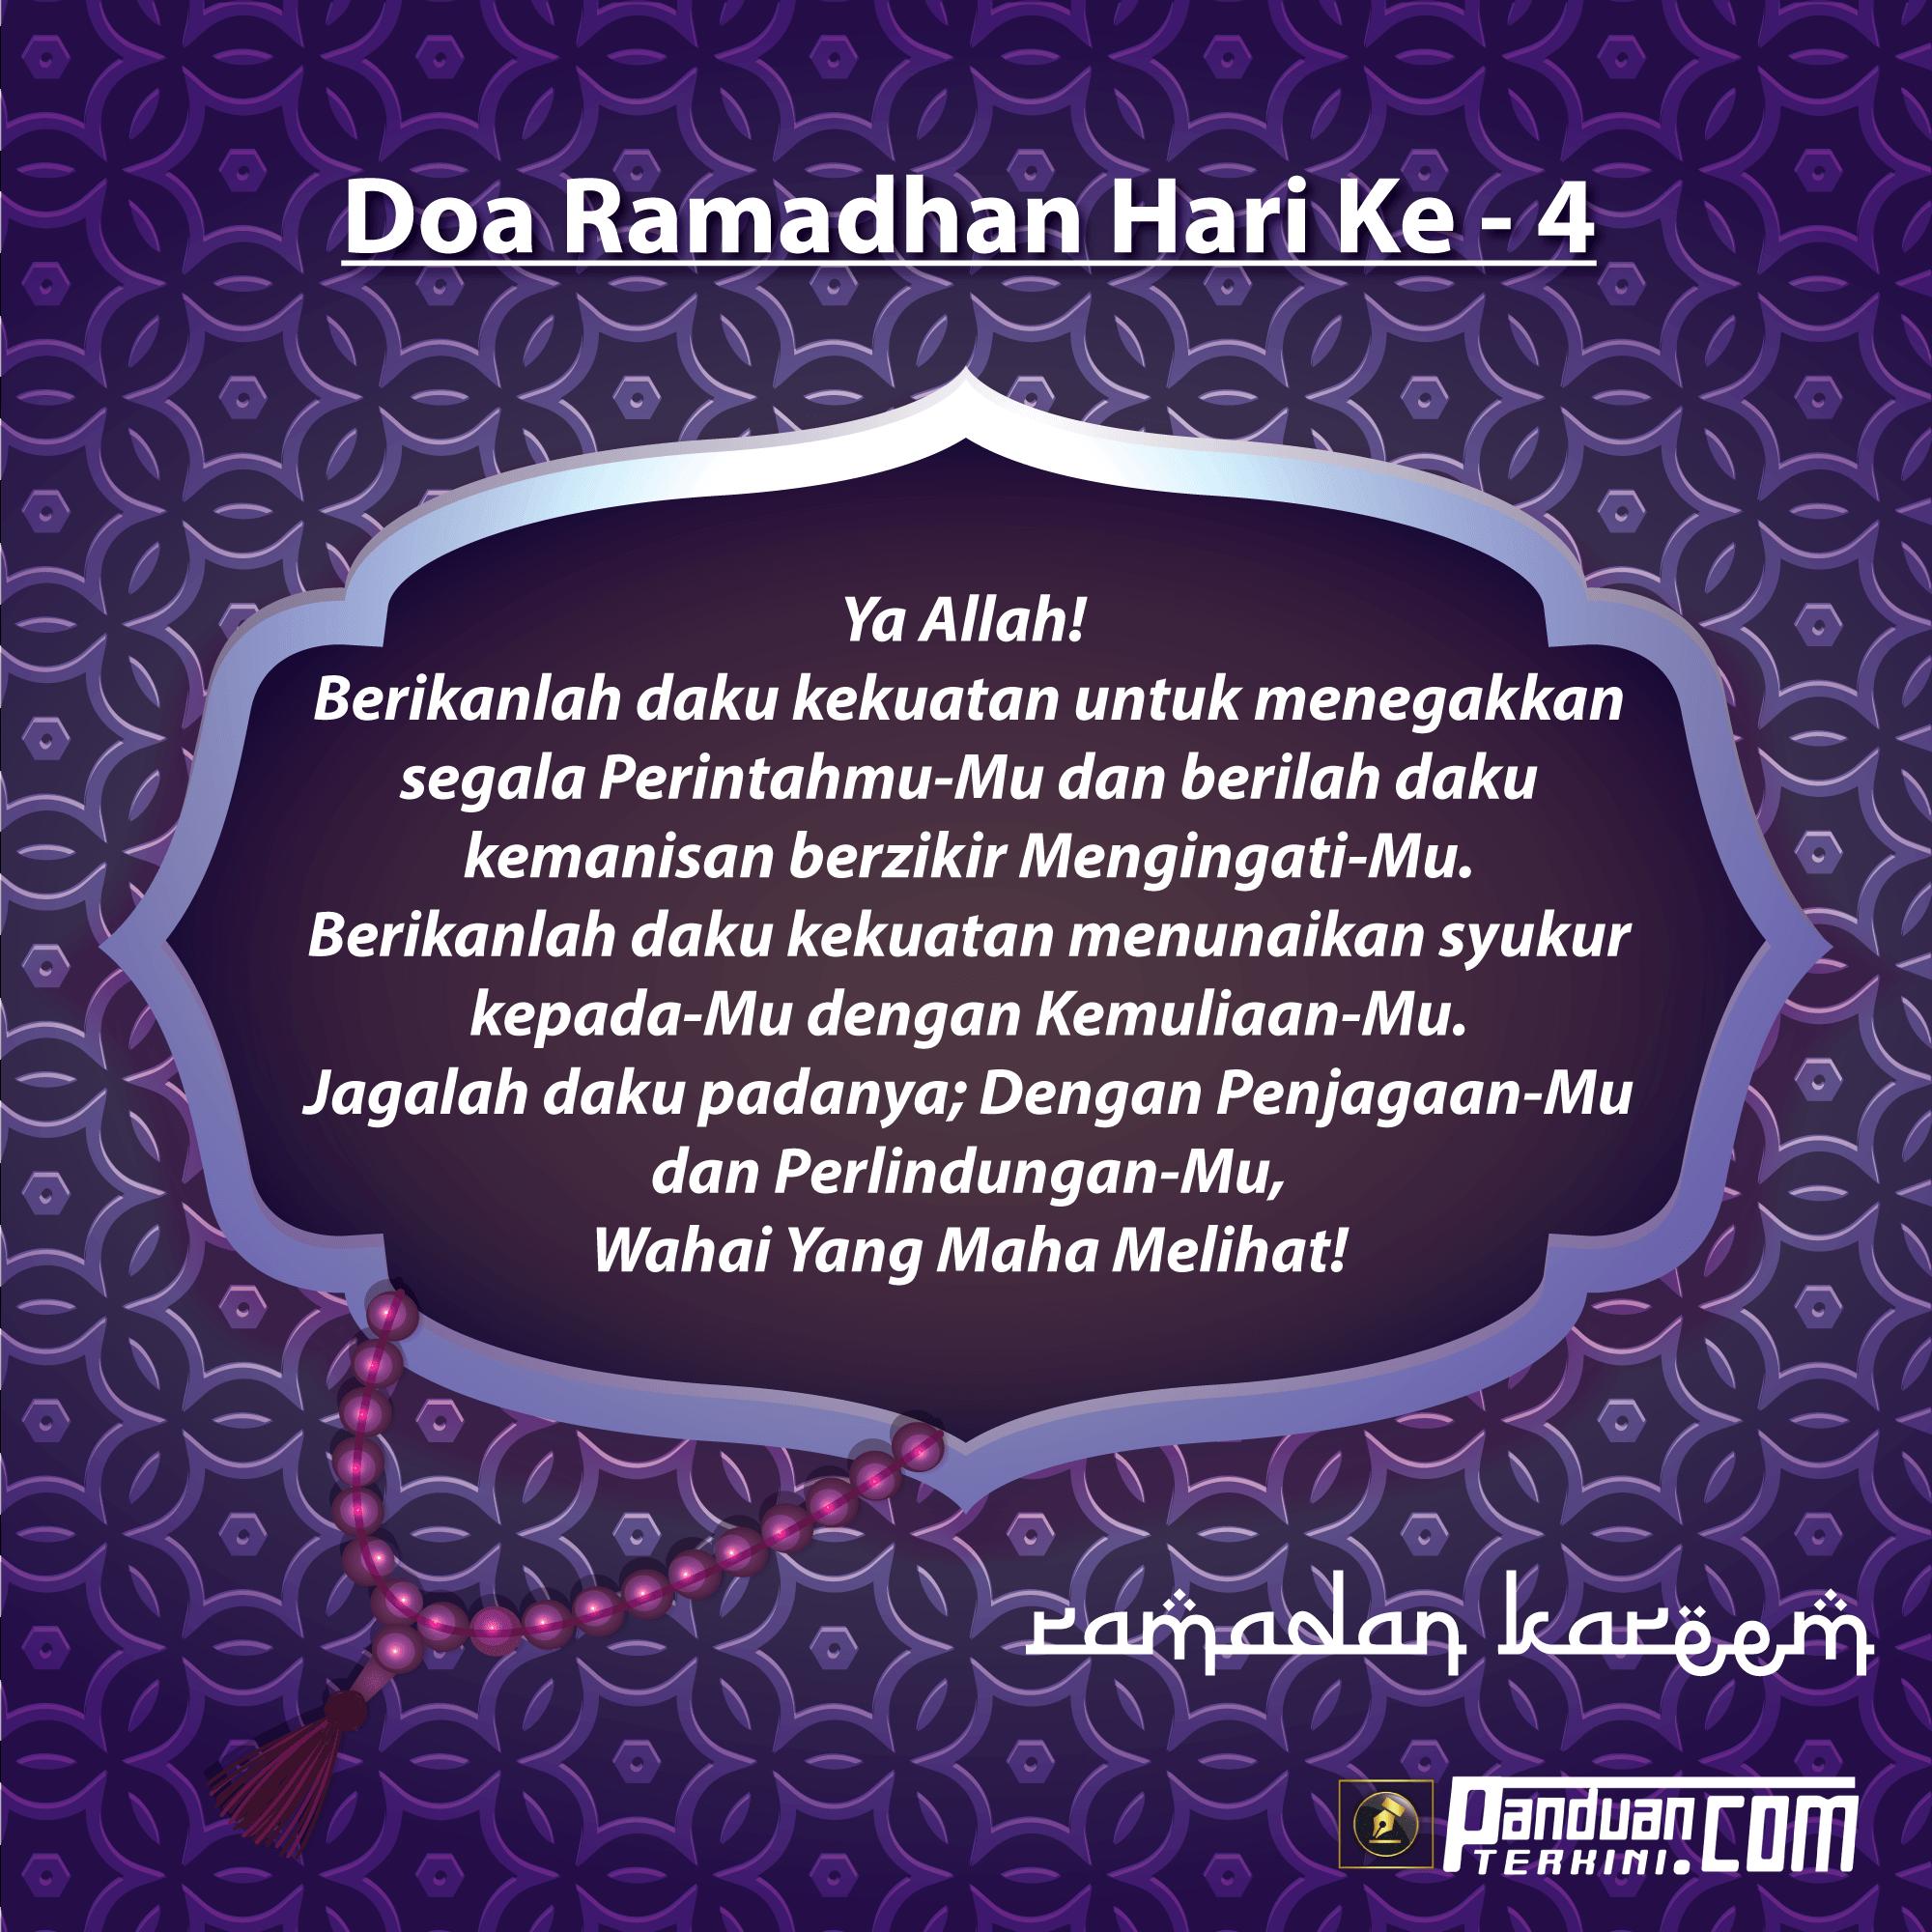 Doa Ramadhan Hari Ke-4